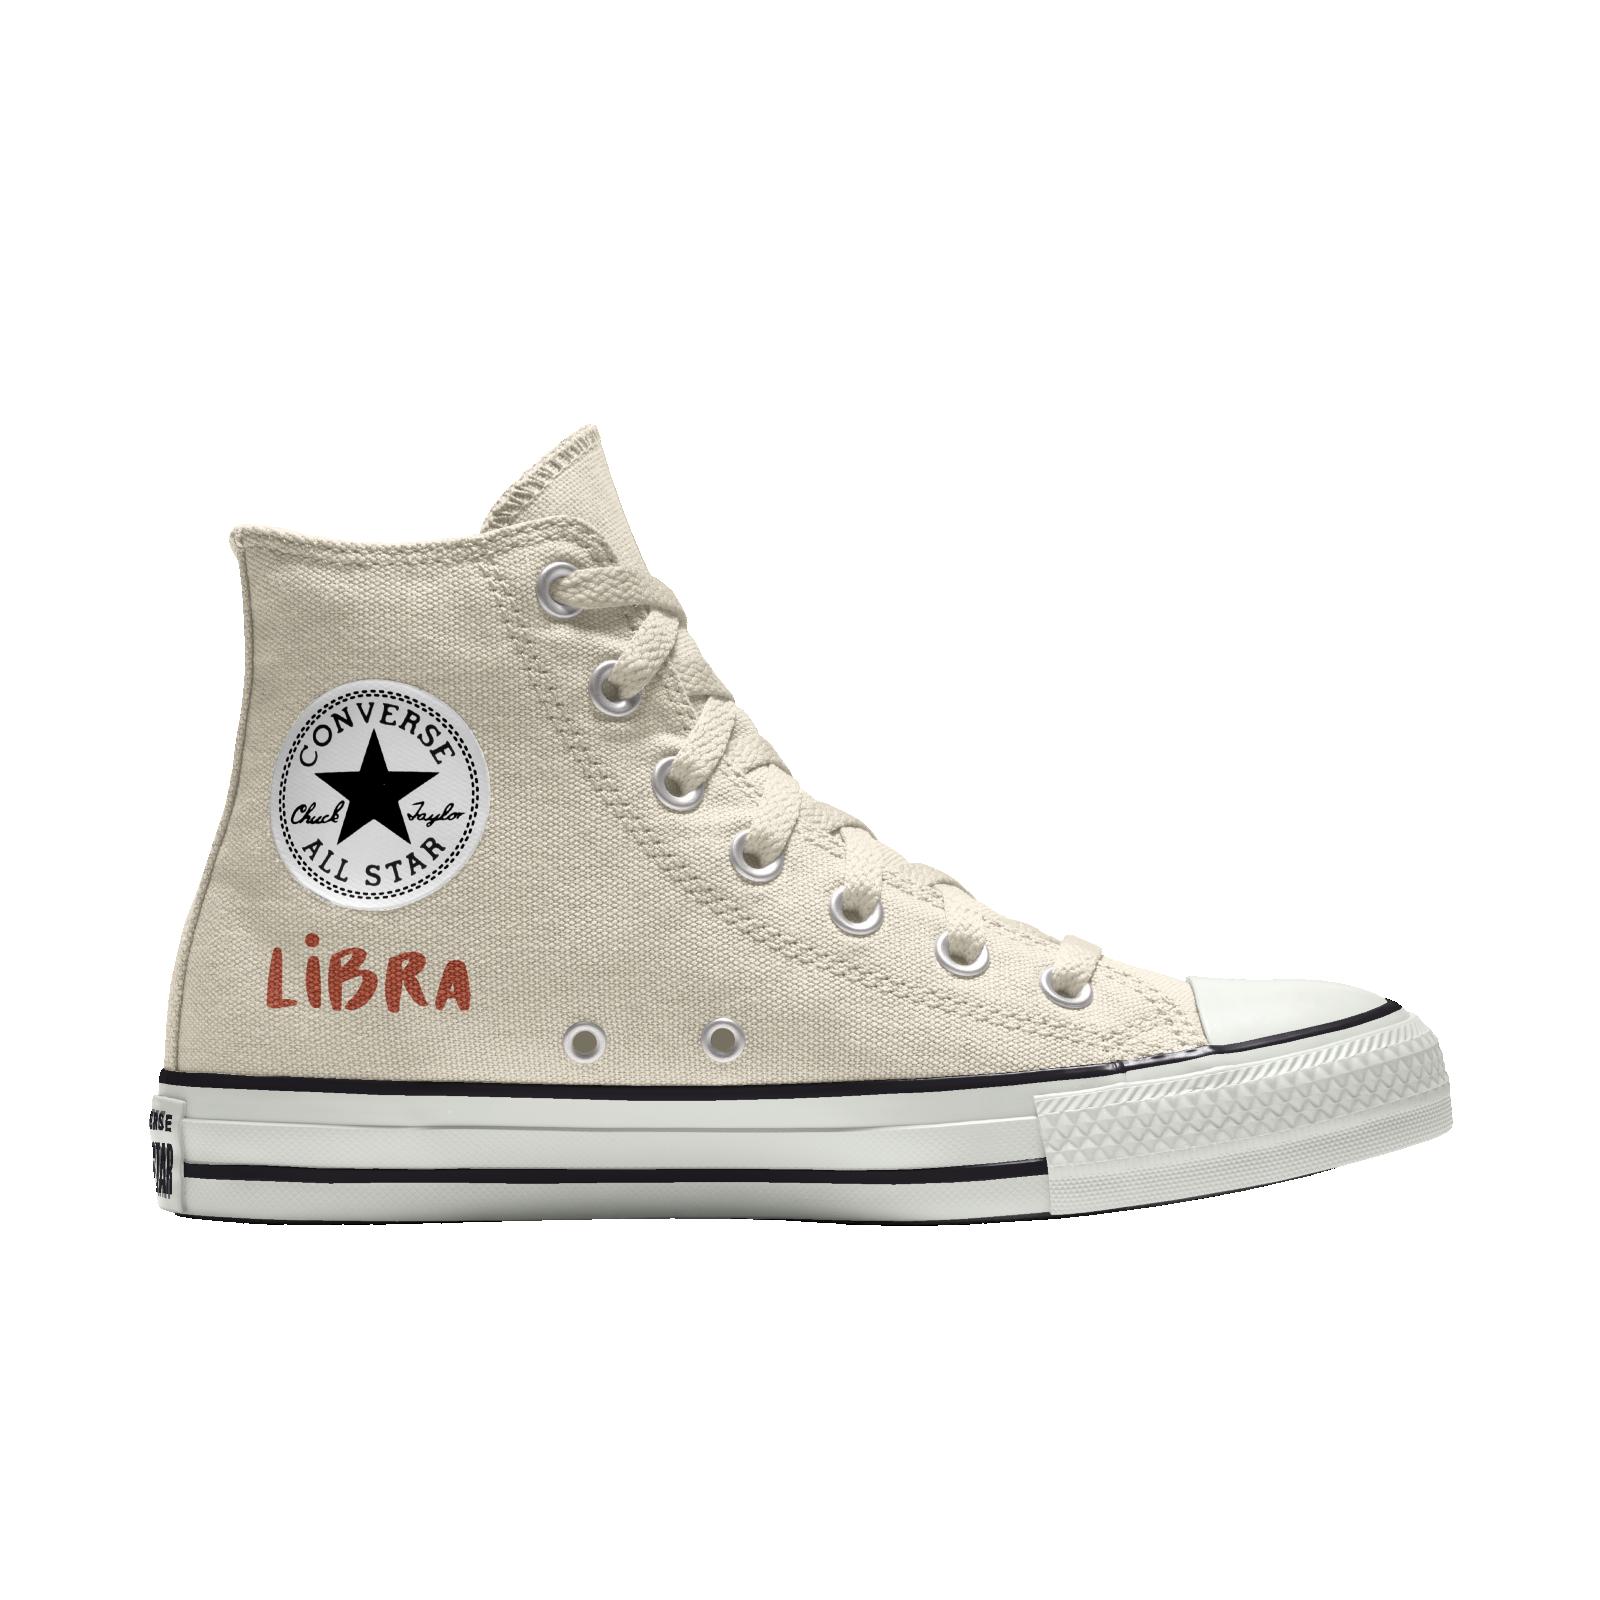 Converse - Libra